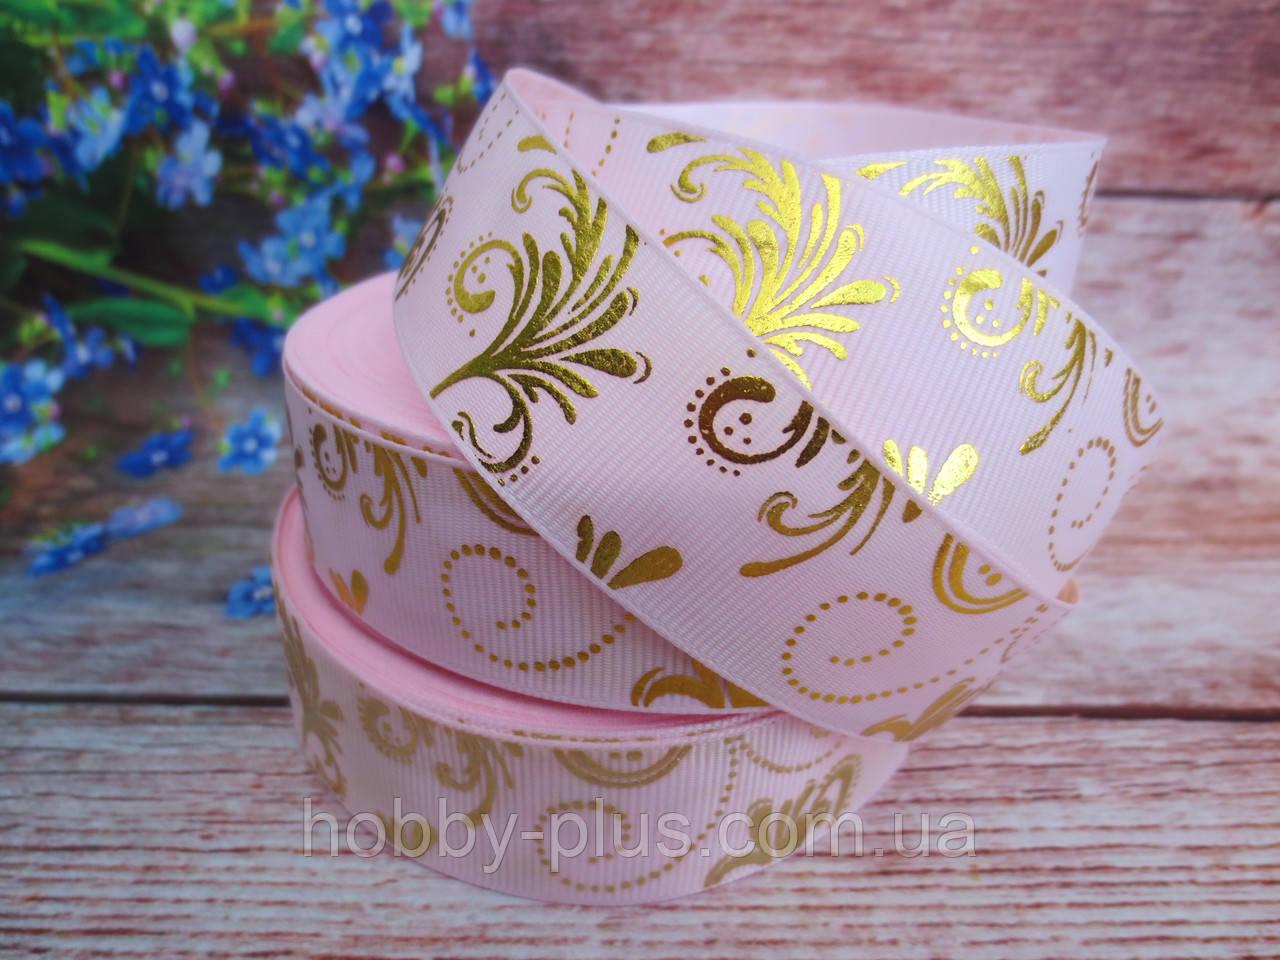 """Лента репсовая """"Узоры"""", золото на нежно-розовом фоне, 2,5 см."""